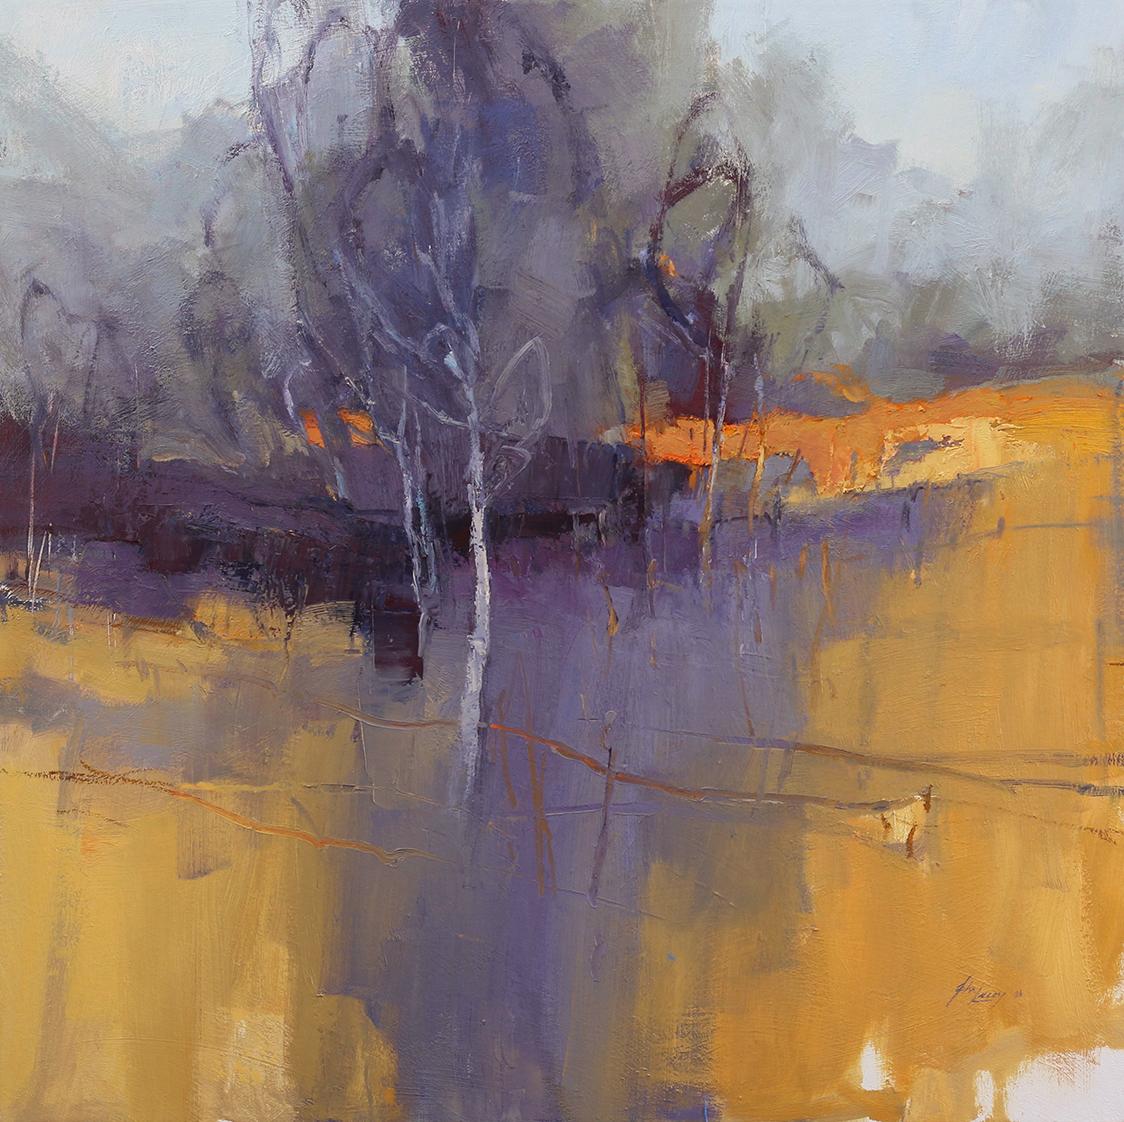 I Came Across Shadows - 2   91 x 91cms   oil on canvas